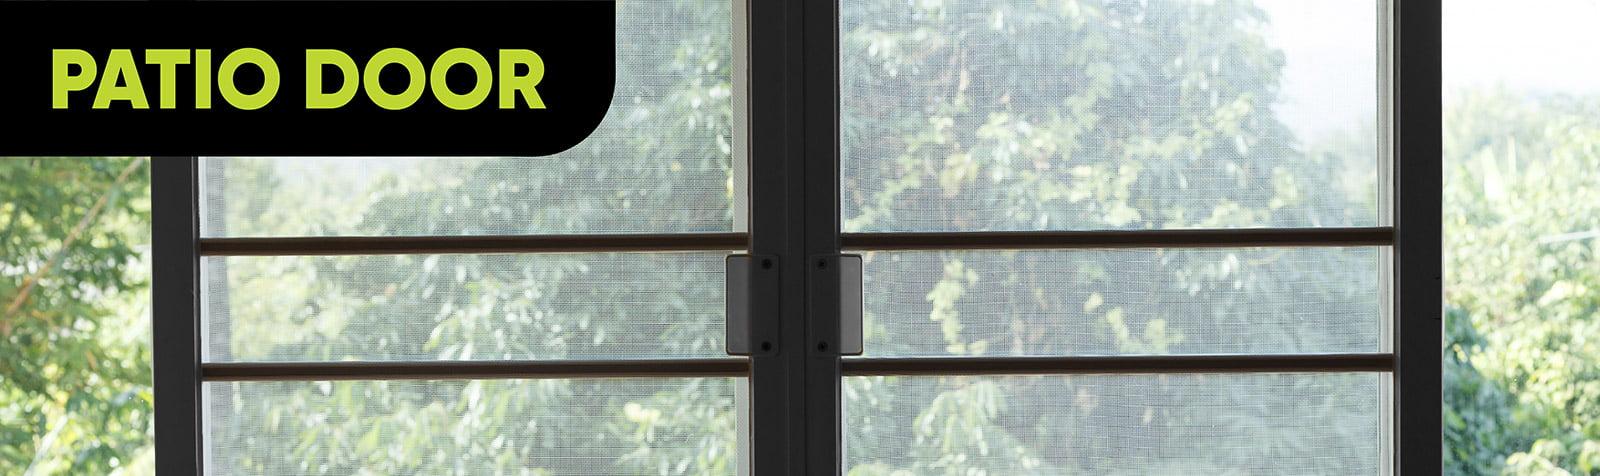 Door Hardware Patio Door Category Banner